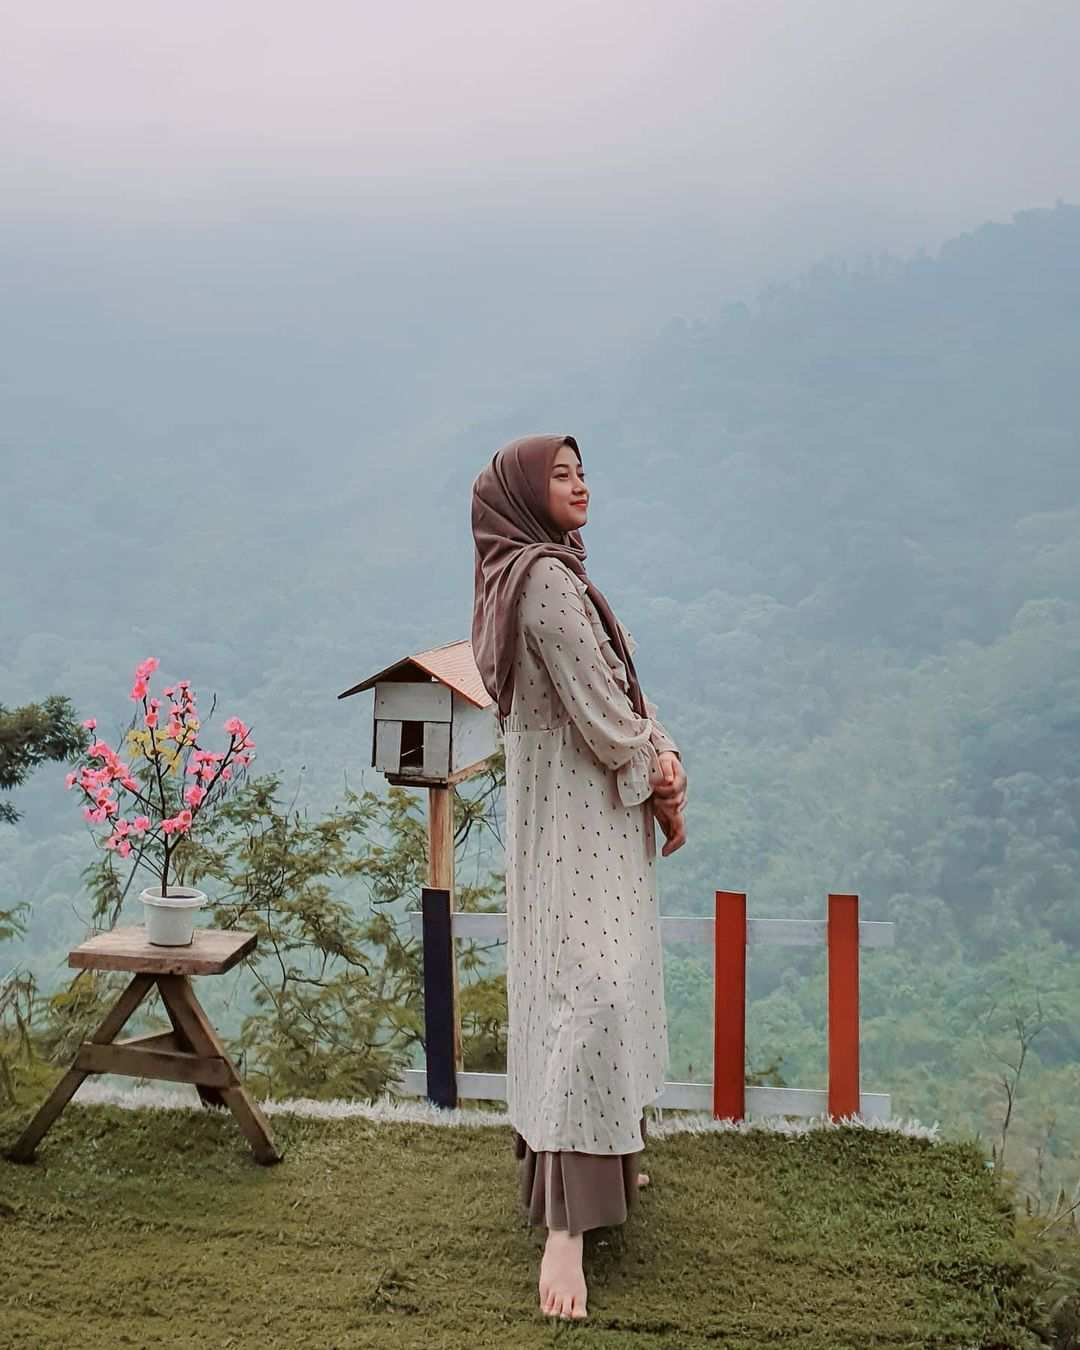 Berfoto di Wisata Panorama Petung Sewu Image From @savianty